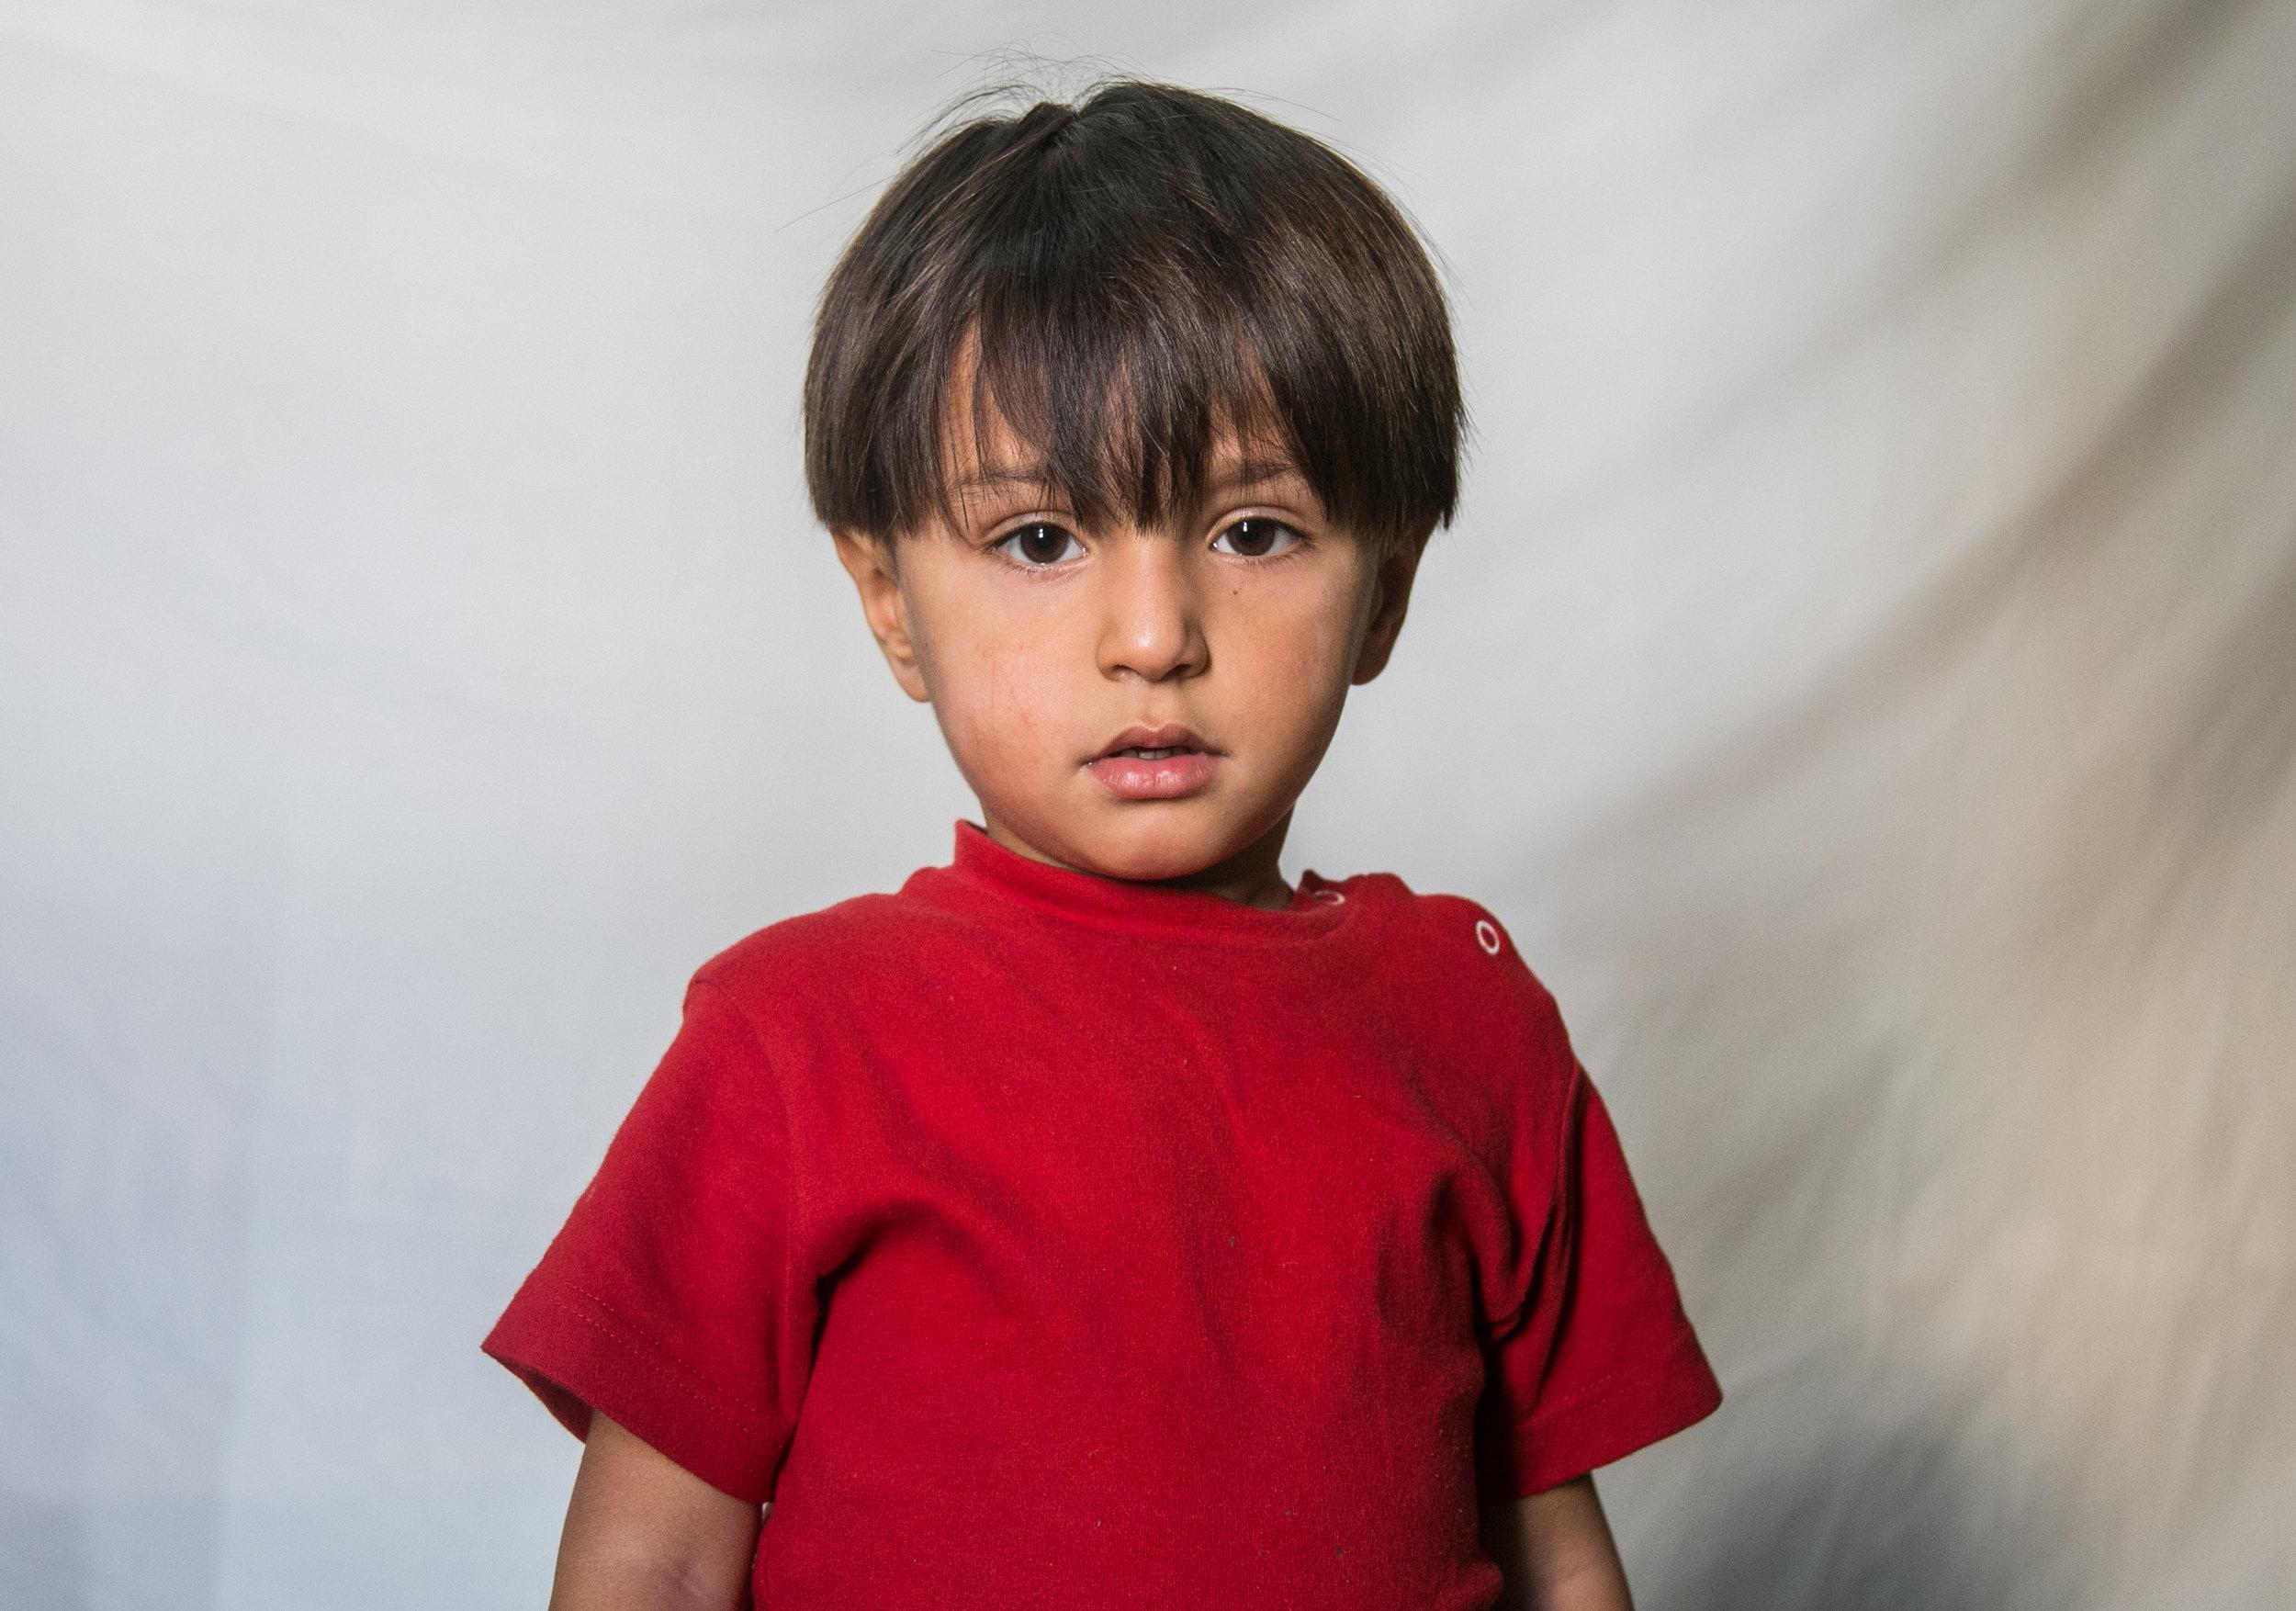 Ali Alowi, 3, of Syria